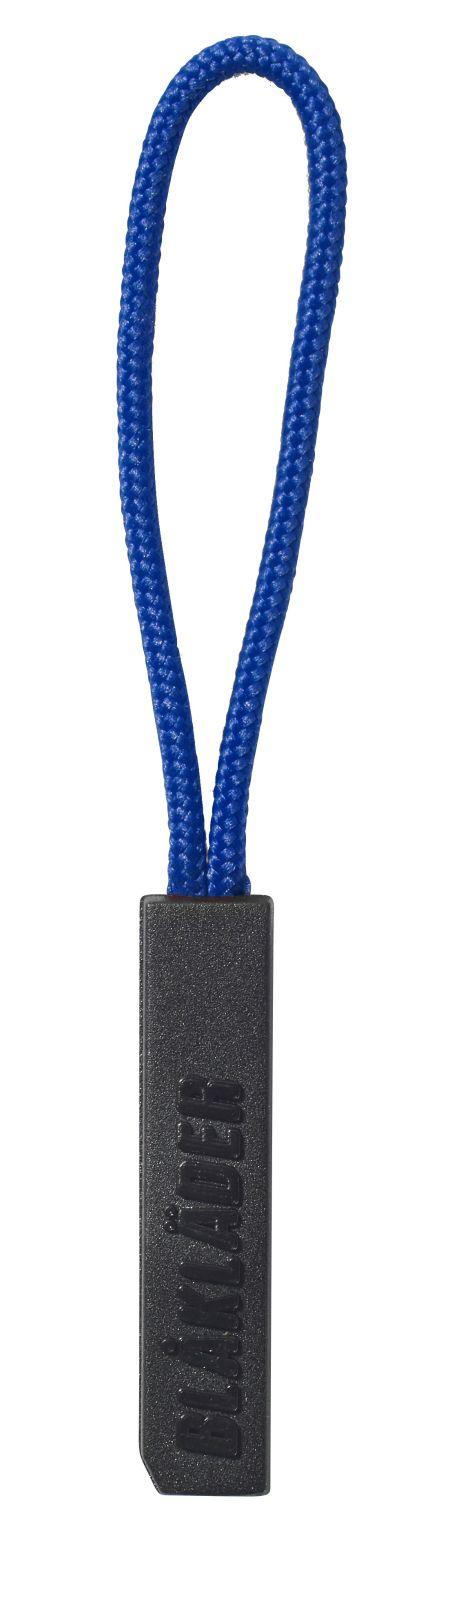 Blaklader Rits pullers 21550000 korenblauw(8500)